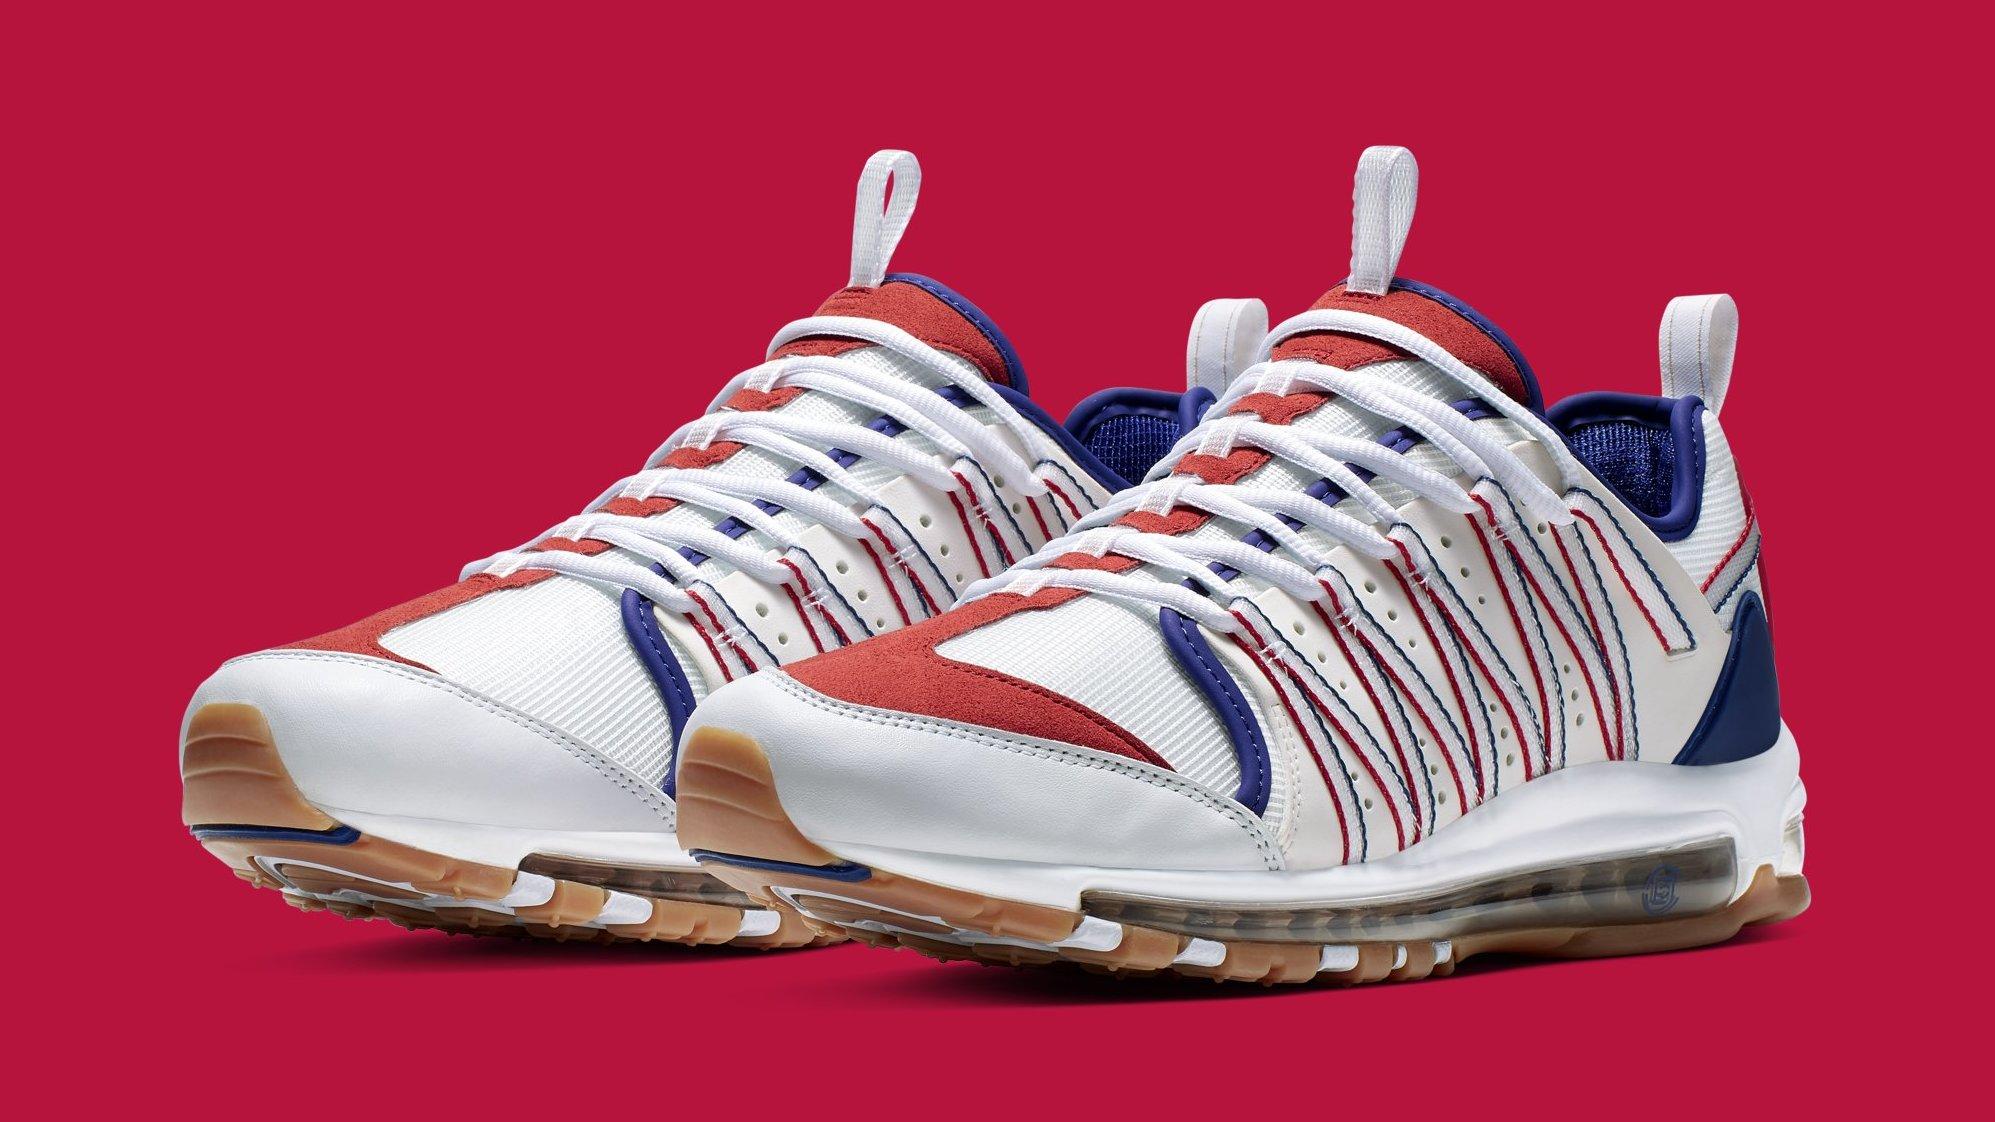 Clot x Nike Zoom Haven 97 Collection AO2134-100 AO2134-101 AO2134 ...